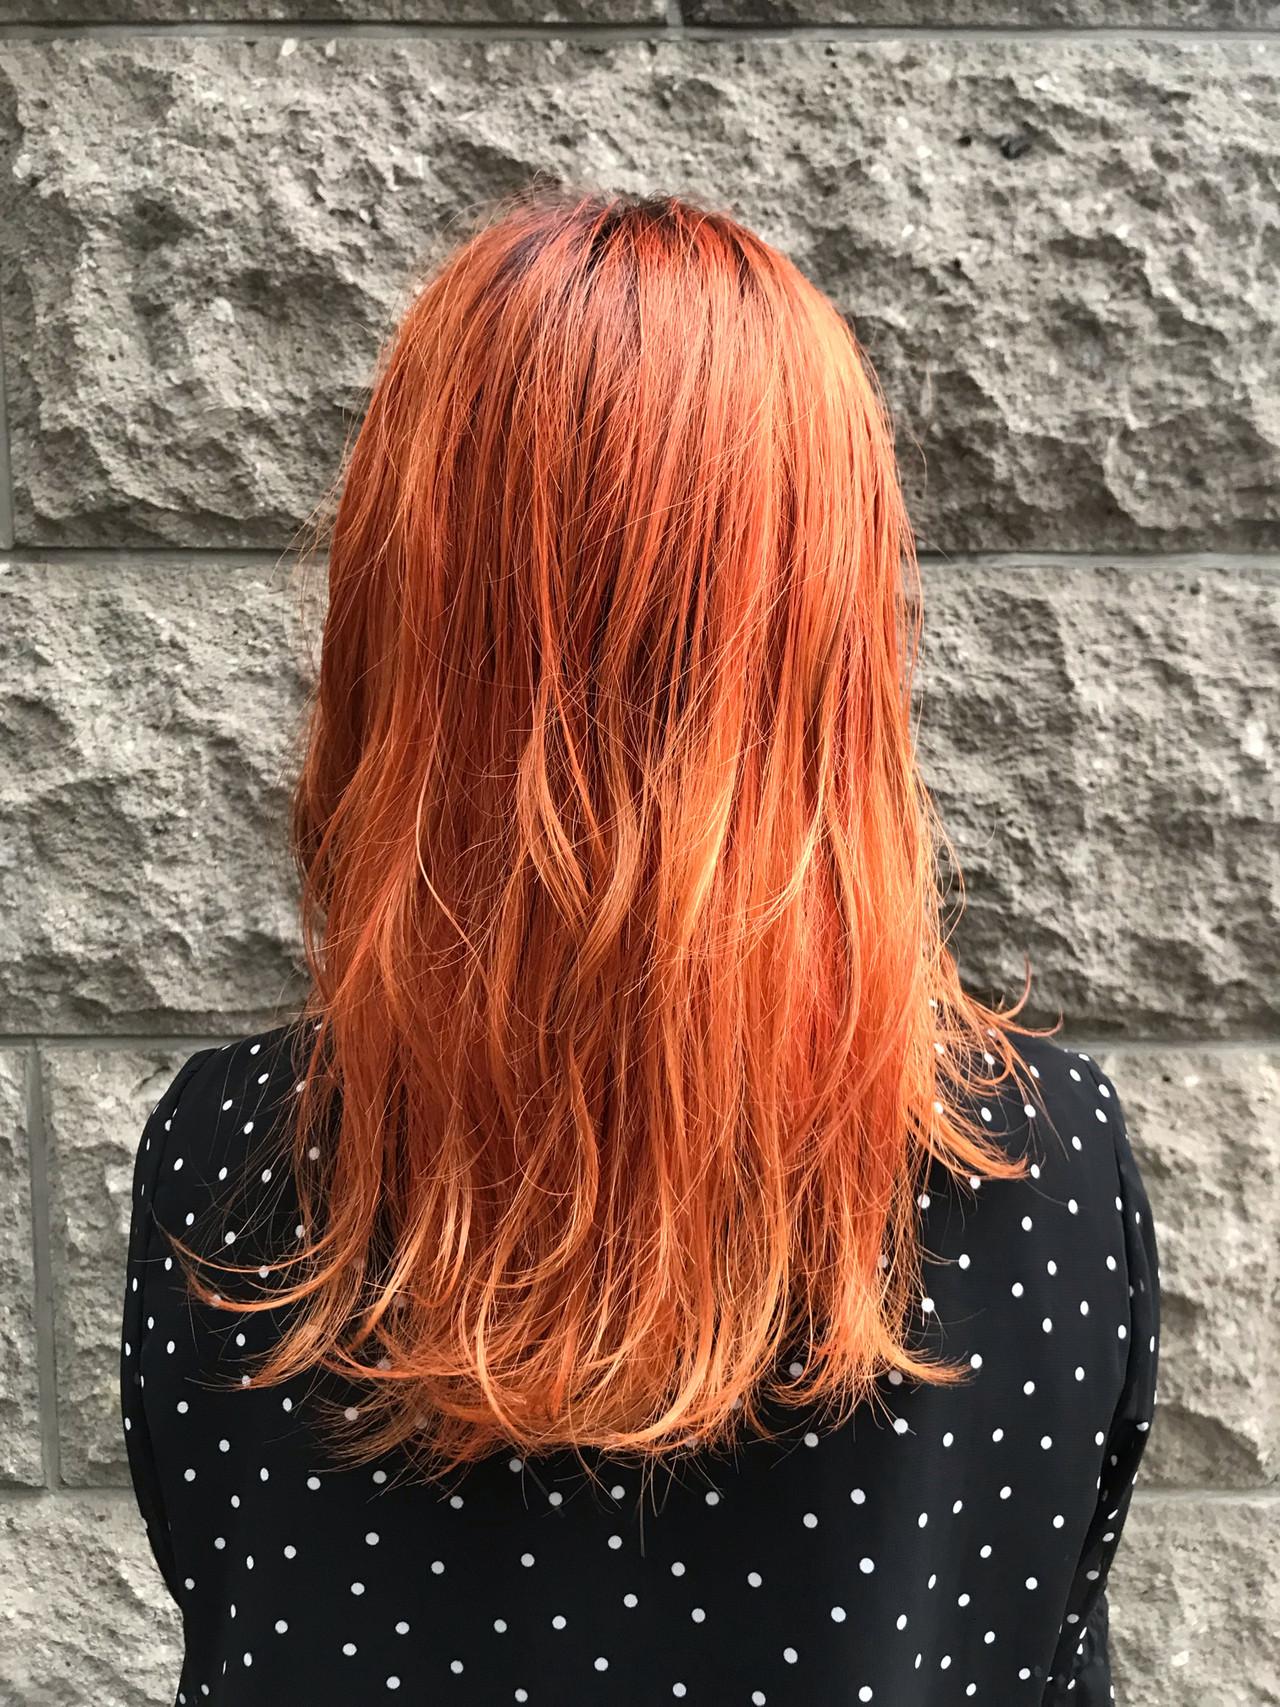 アプリコットオレンジ オレンジ オレンジブラウン オレンジベージュ ヘアスタイルや髪型の写真・画像